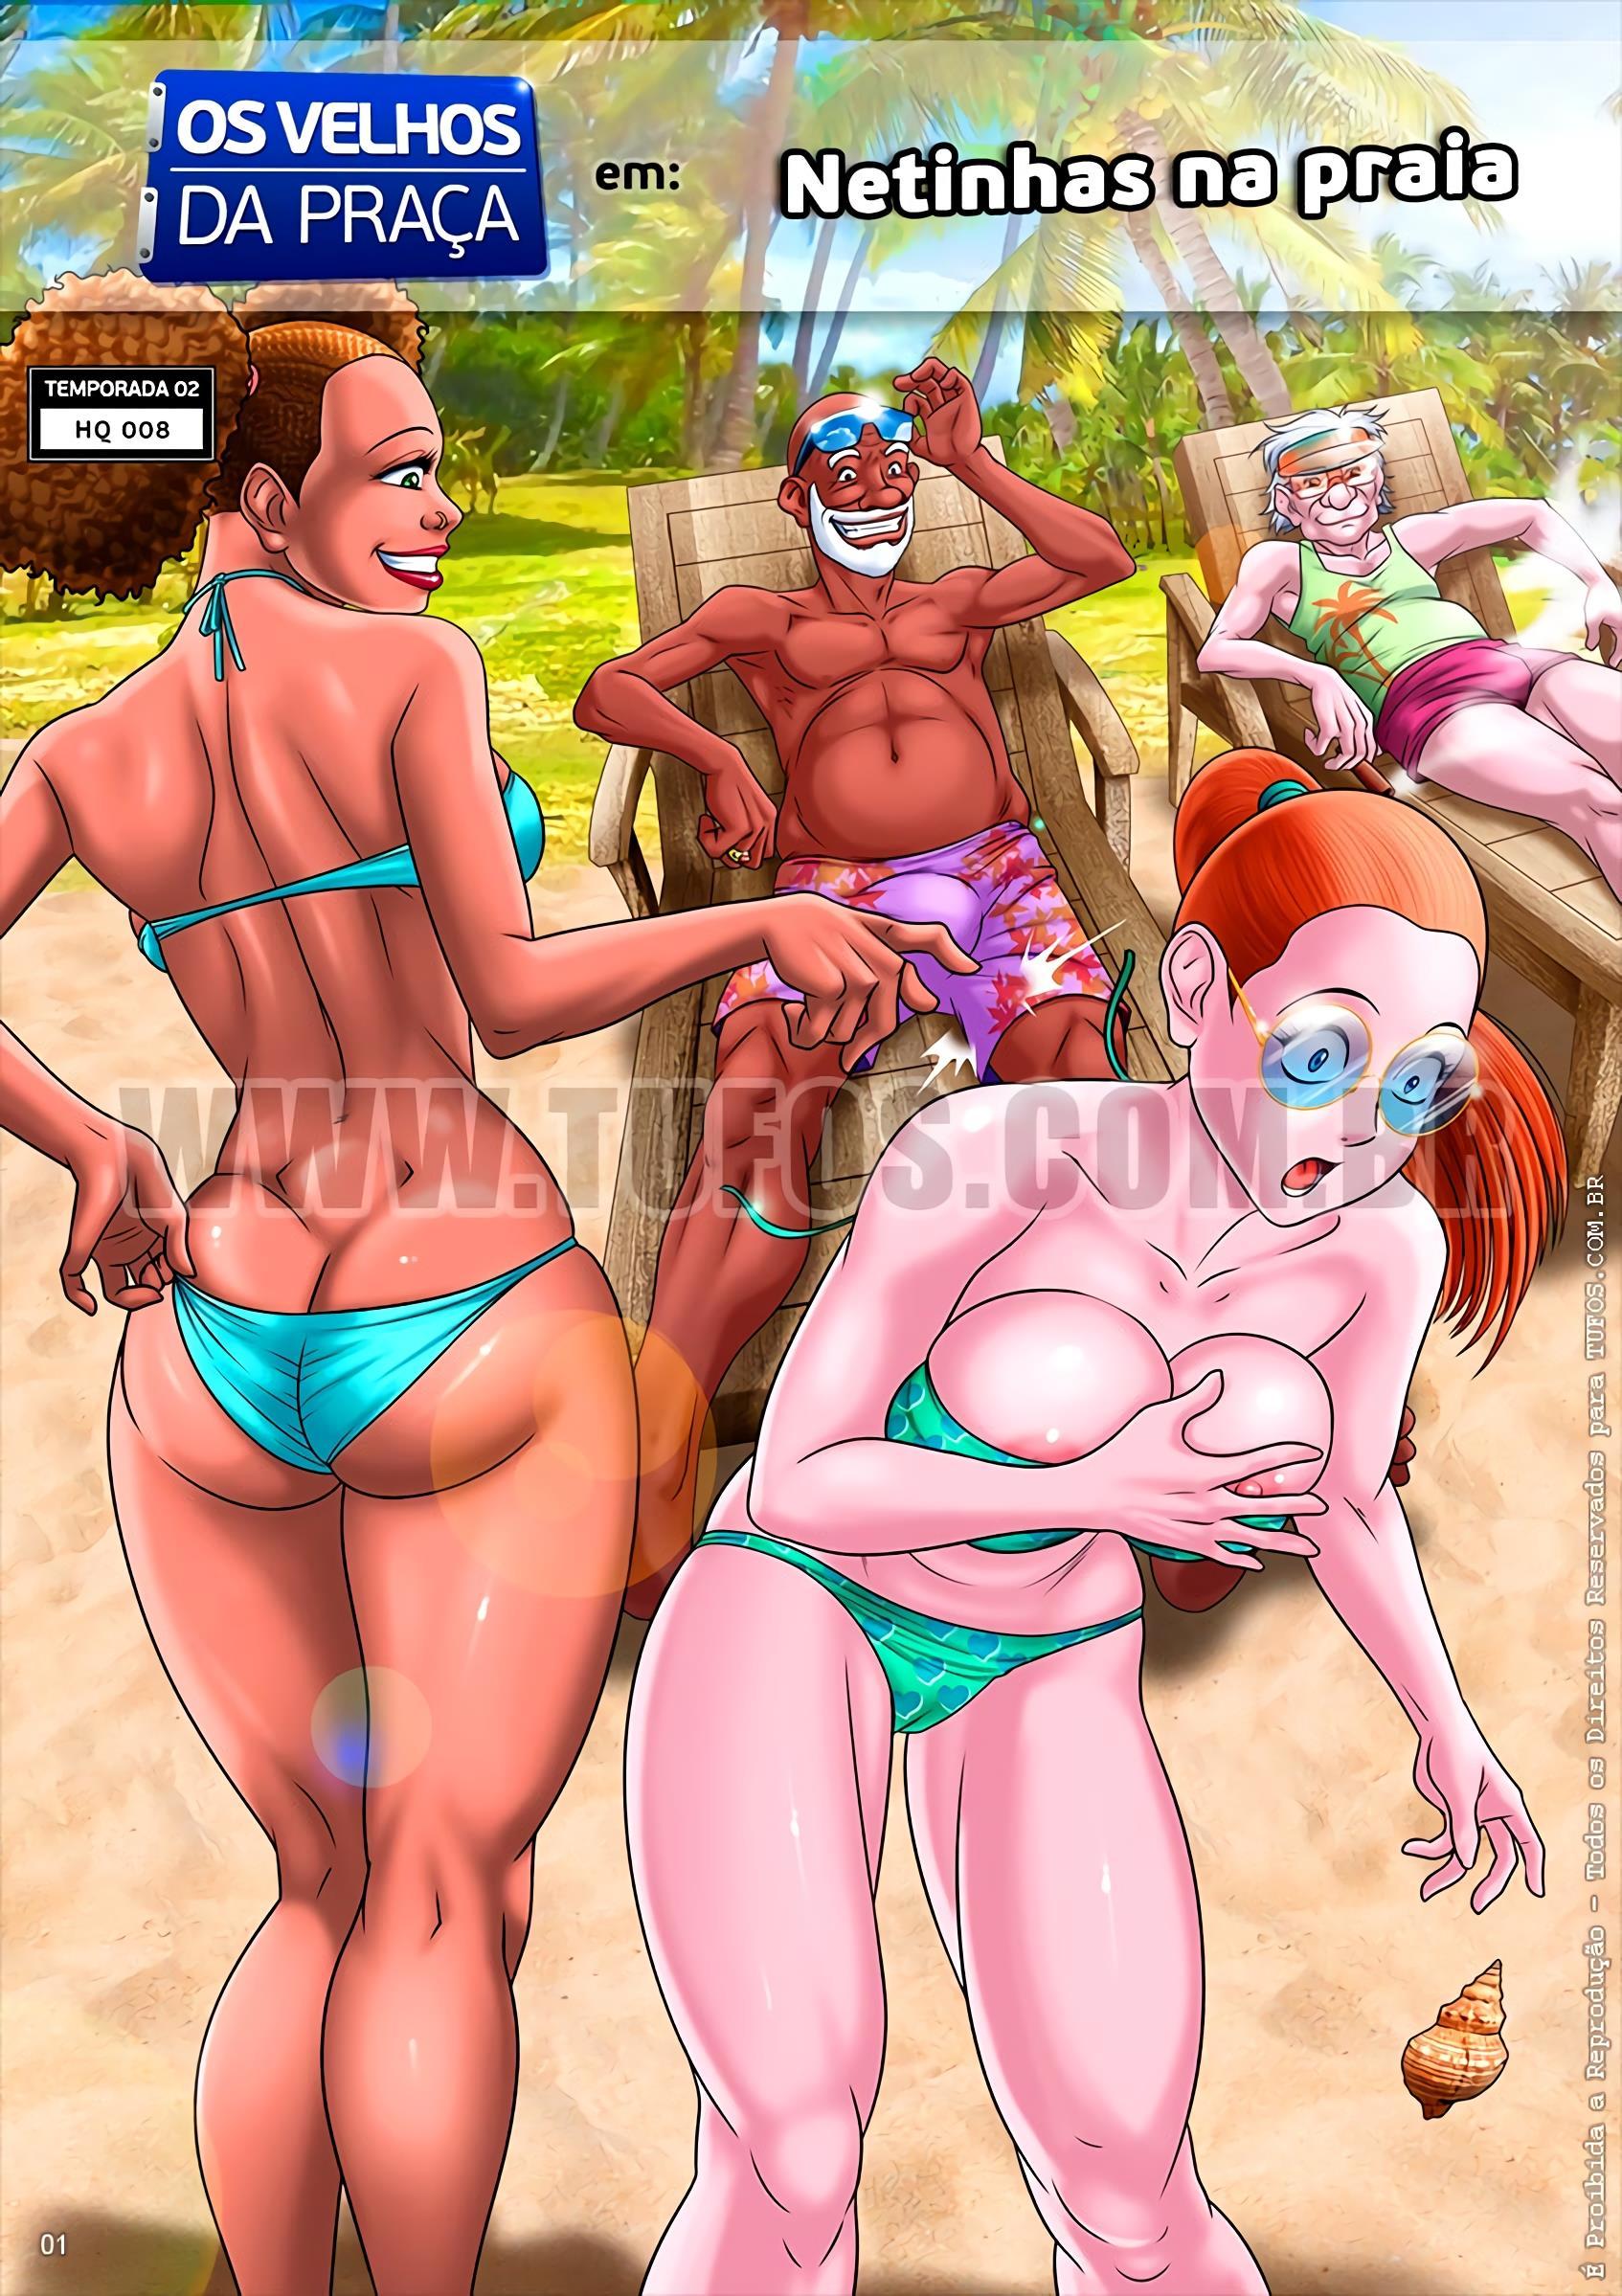 Netinhas na Praia